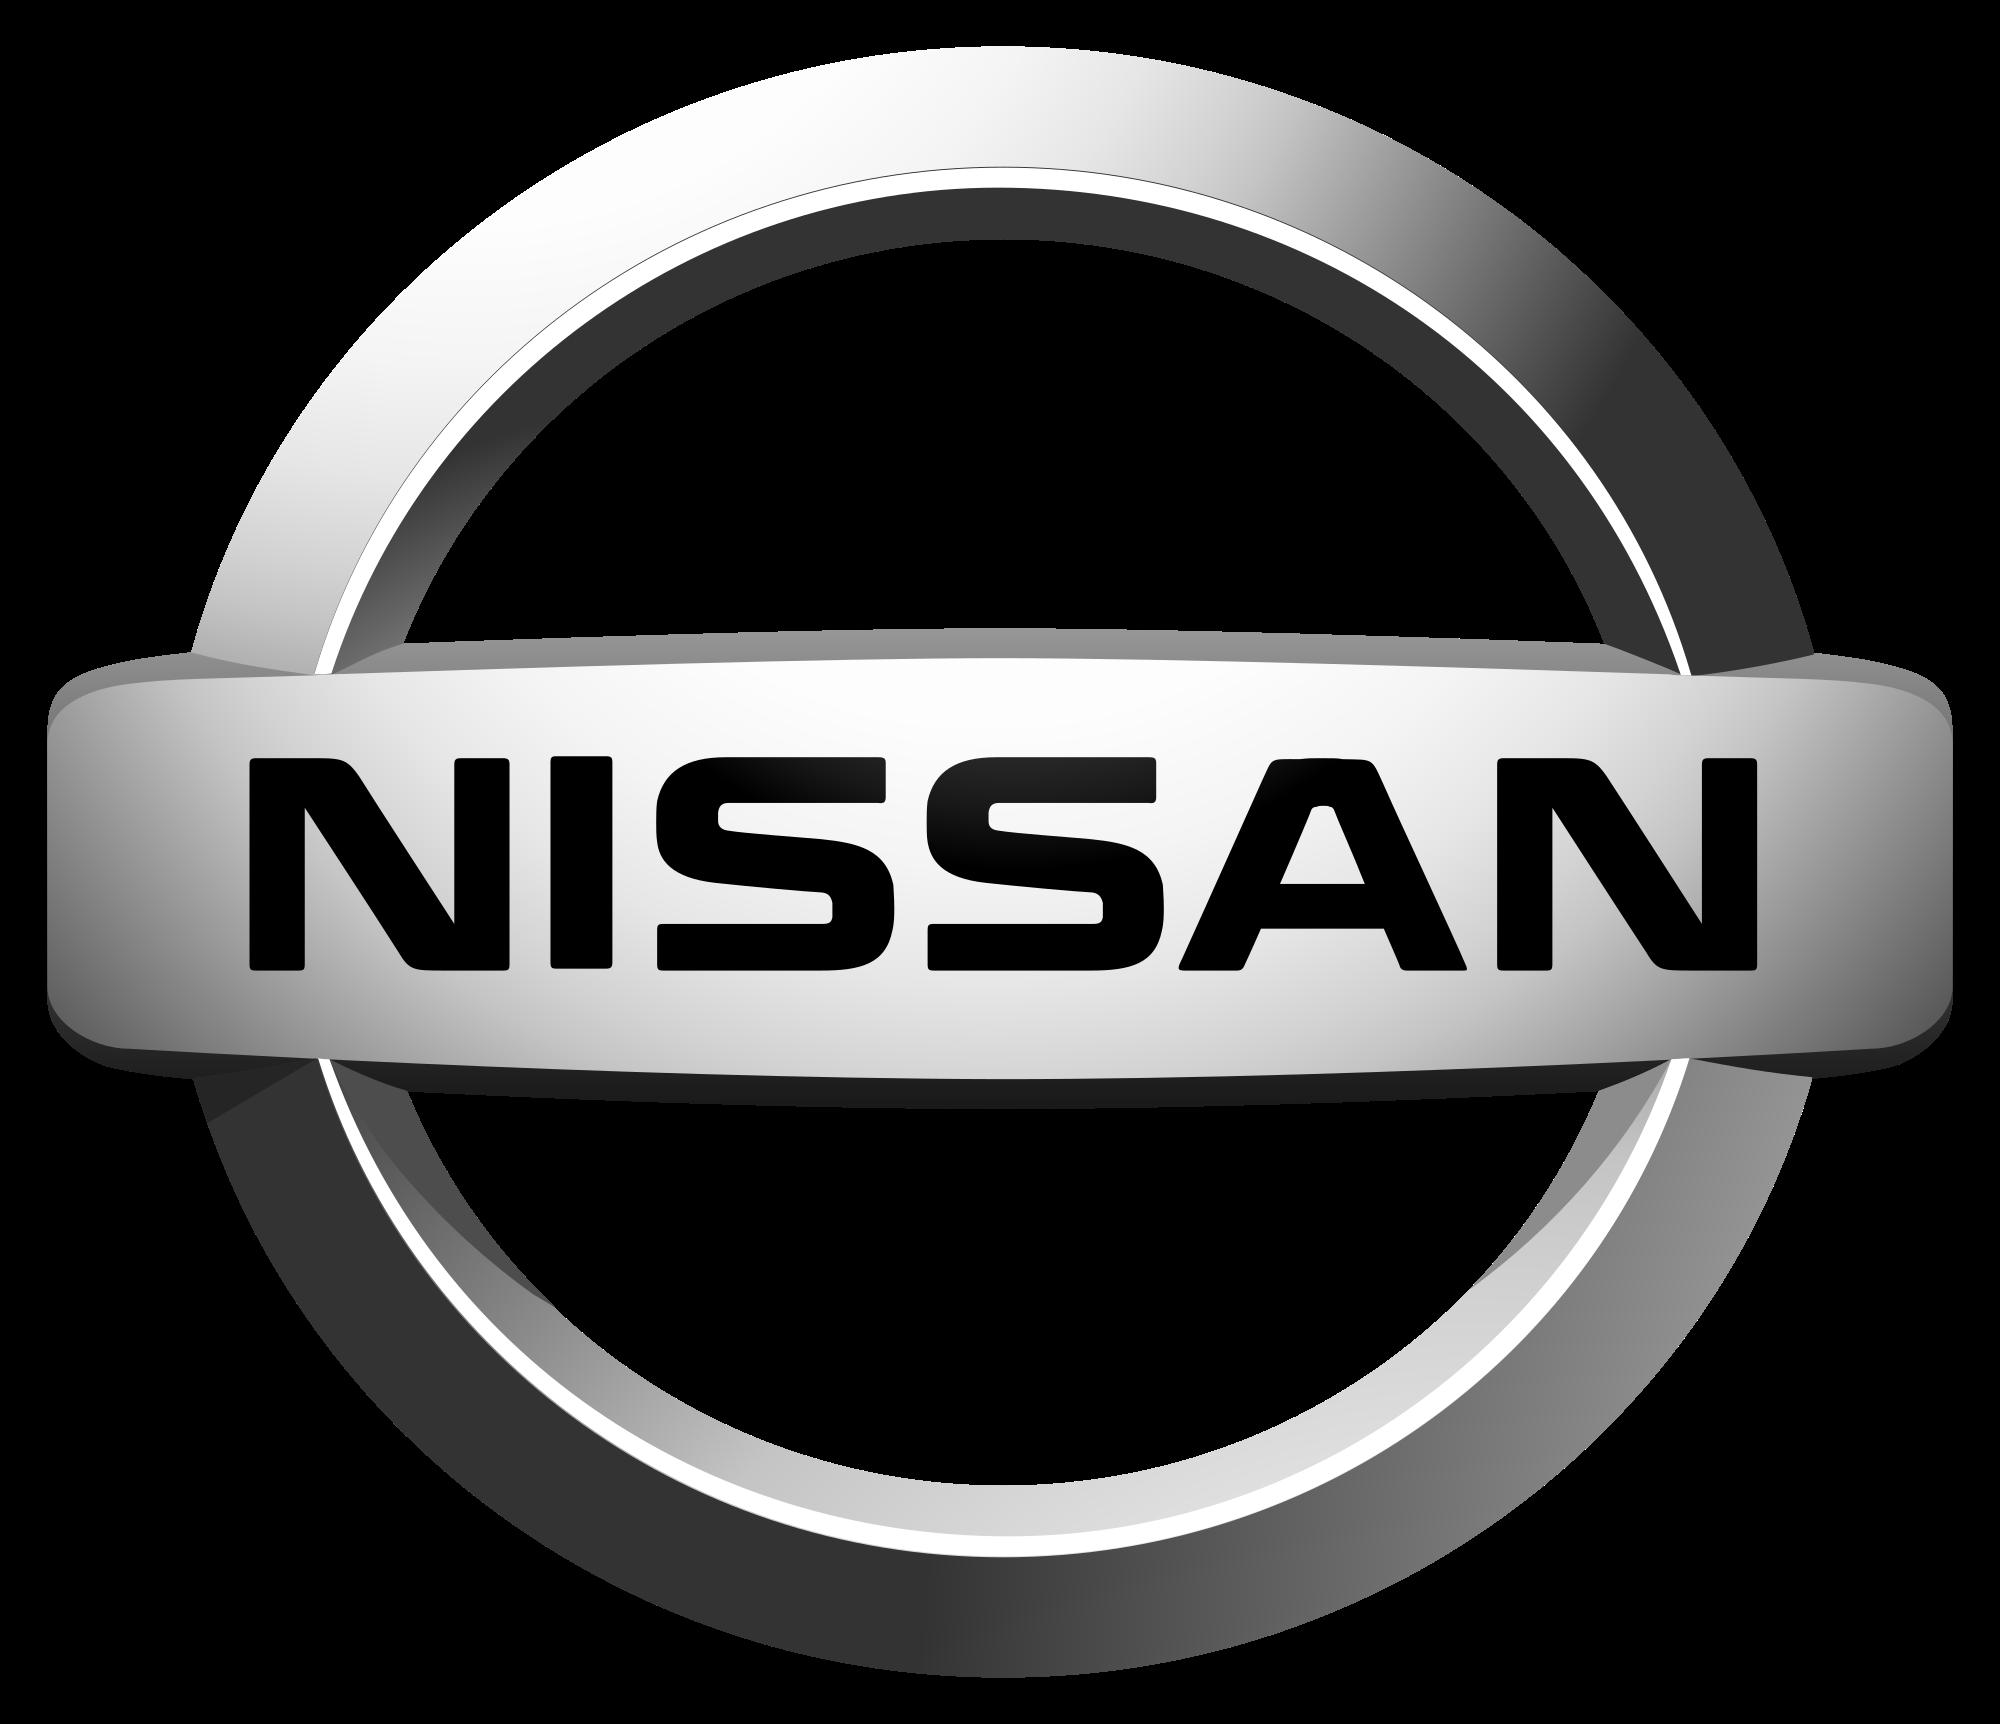 Ниссан частично возобновила выпуск авто вЯпонии после скандала